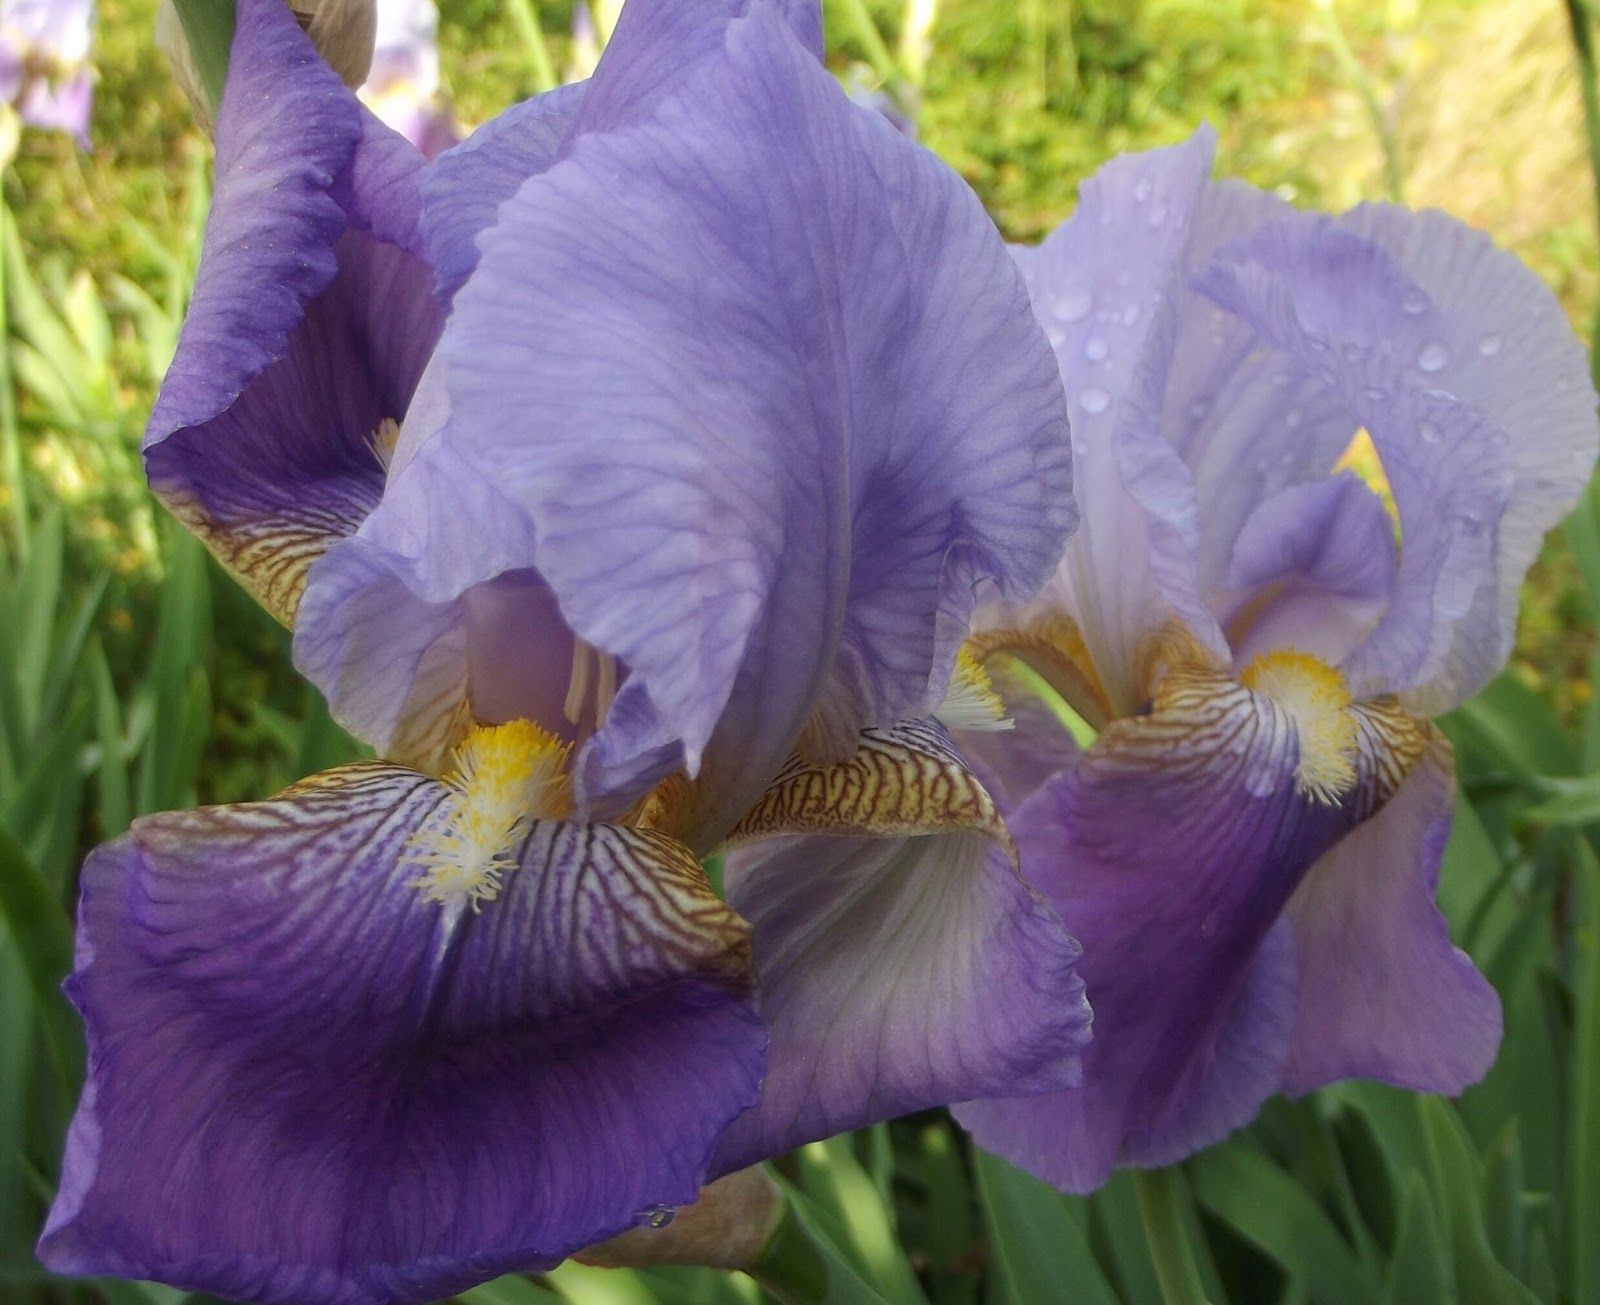 Cette Nuit La Pluie Est Tombée Sur Un Iris Violet the Most